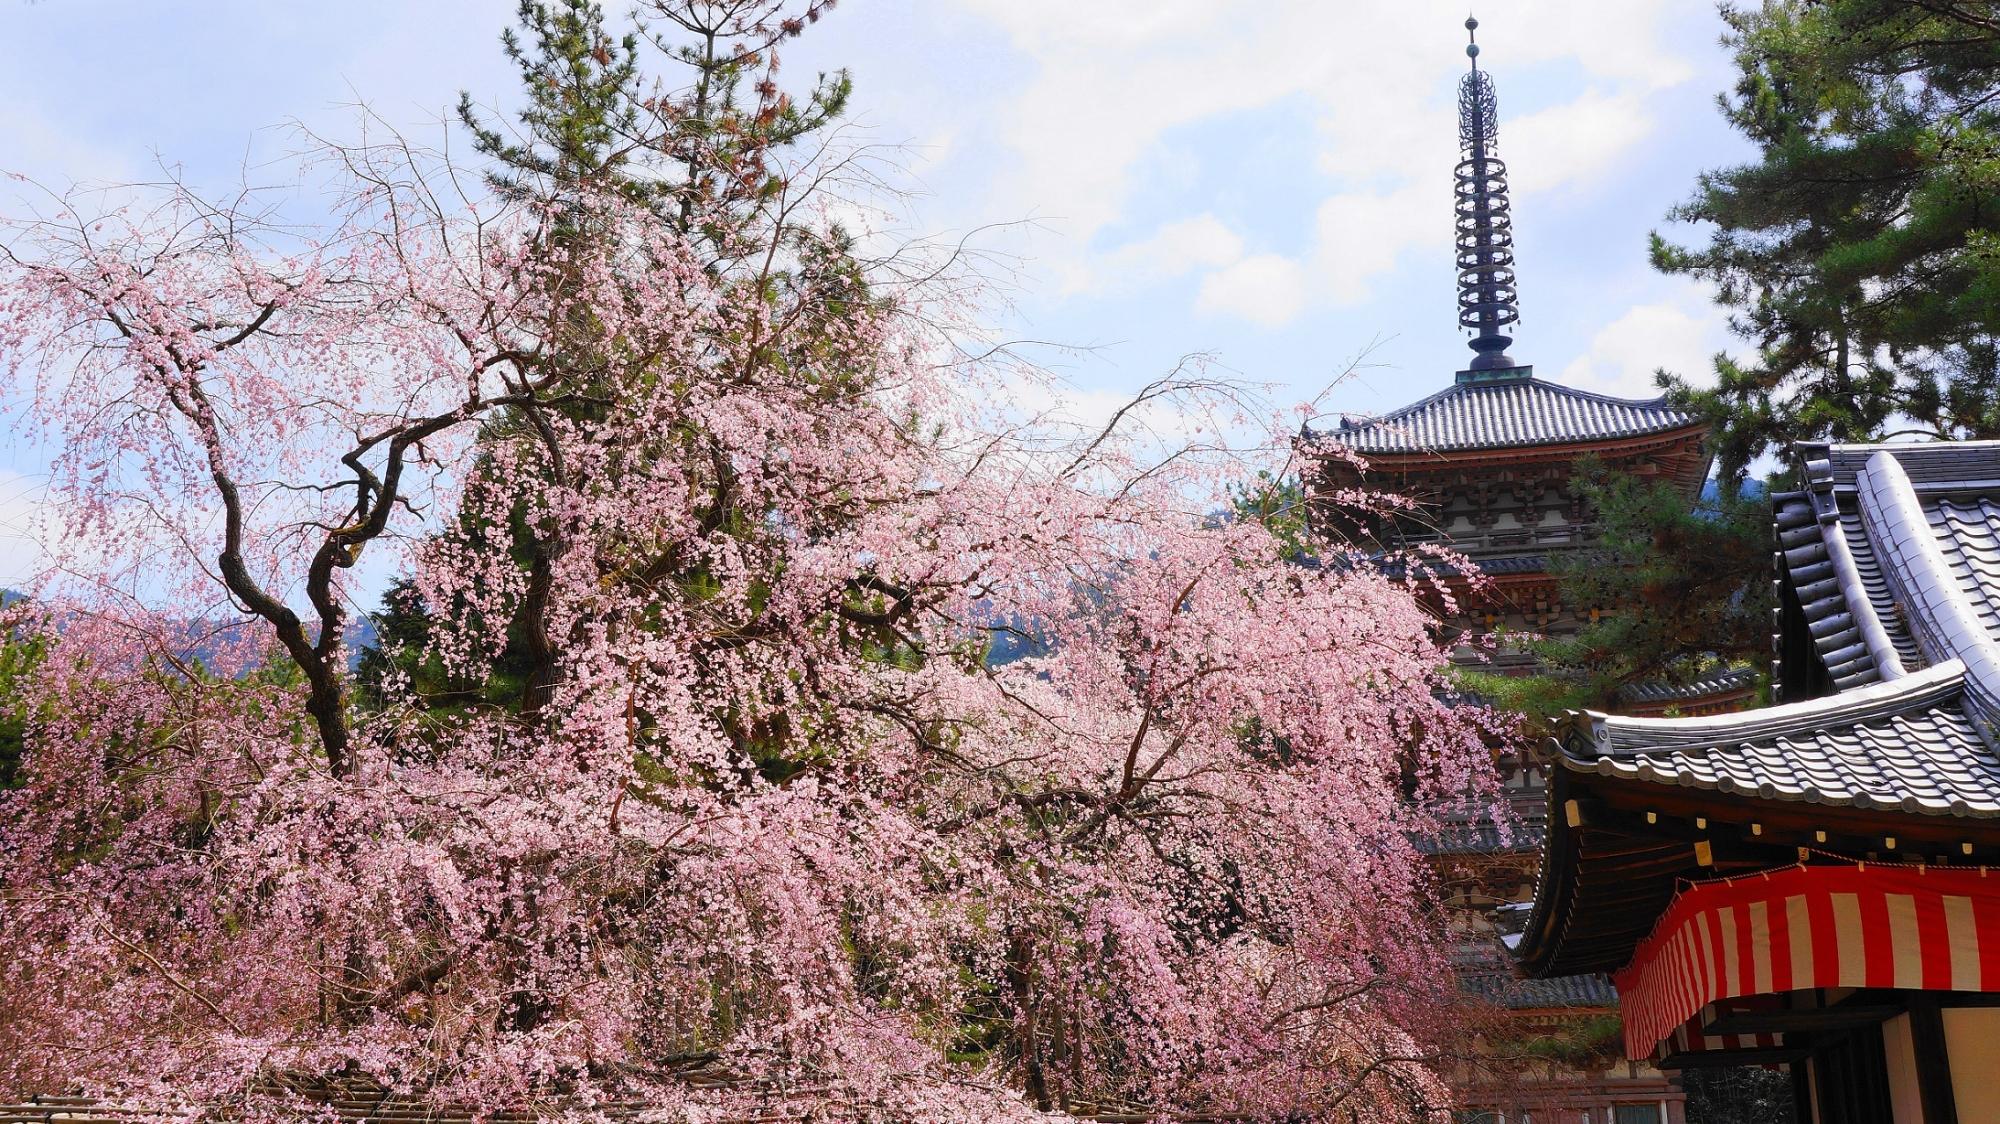 醍醐寺 五重塔 桜 満開 華やか 春